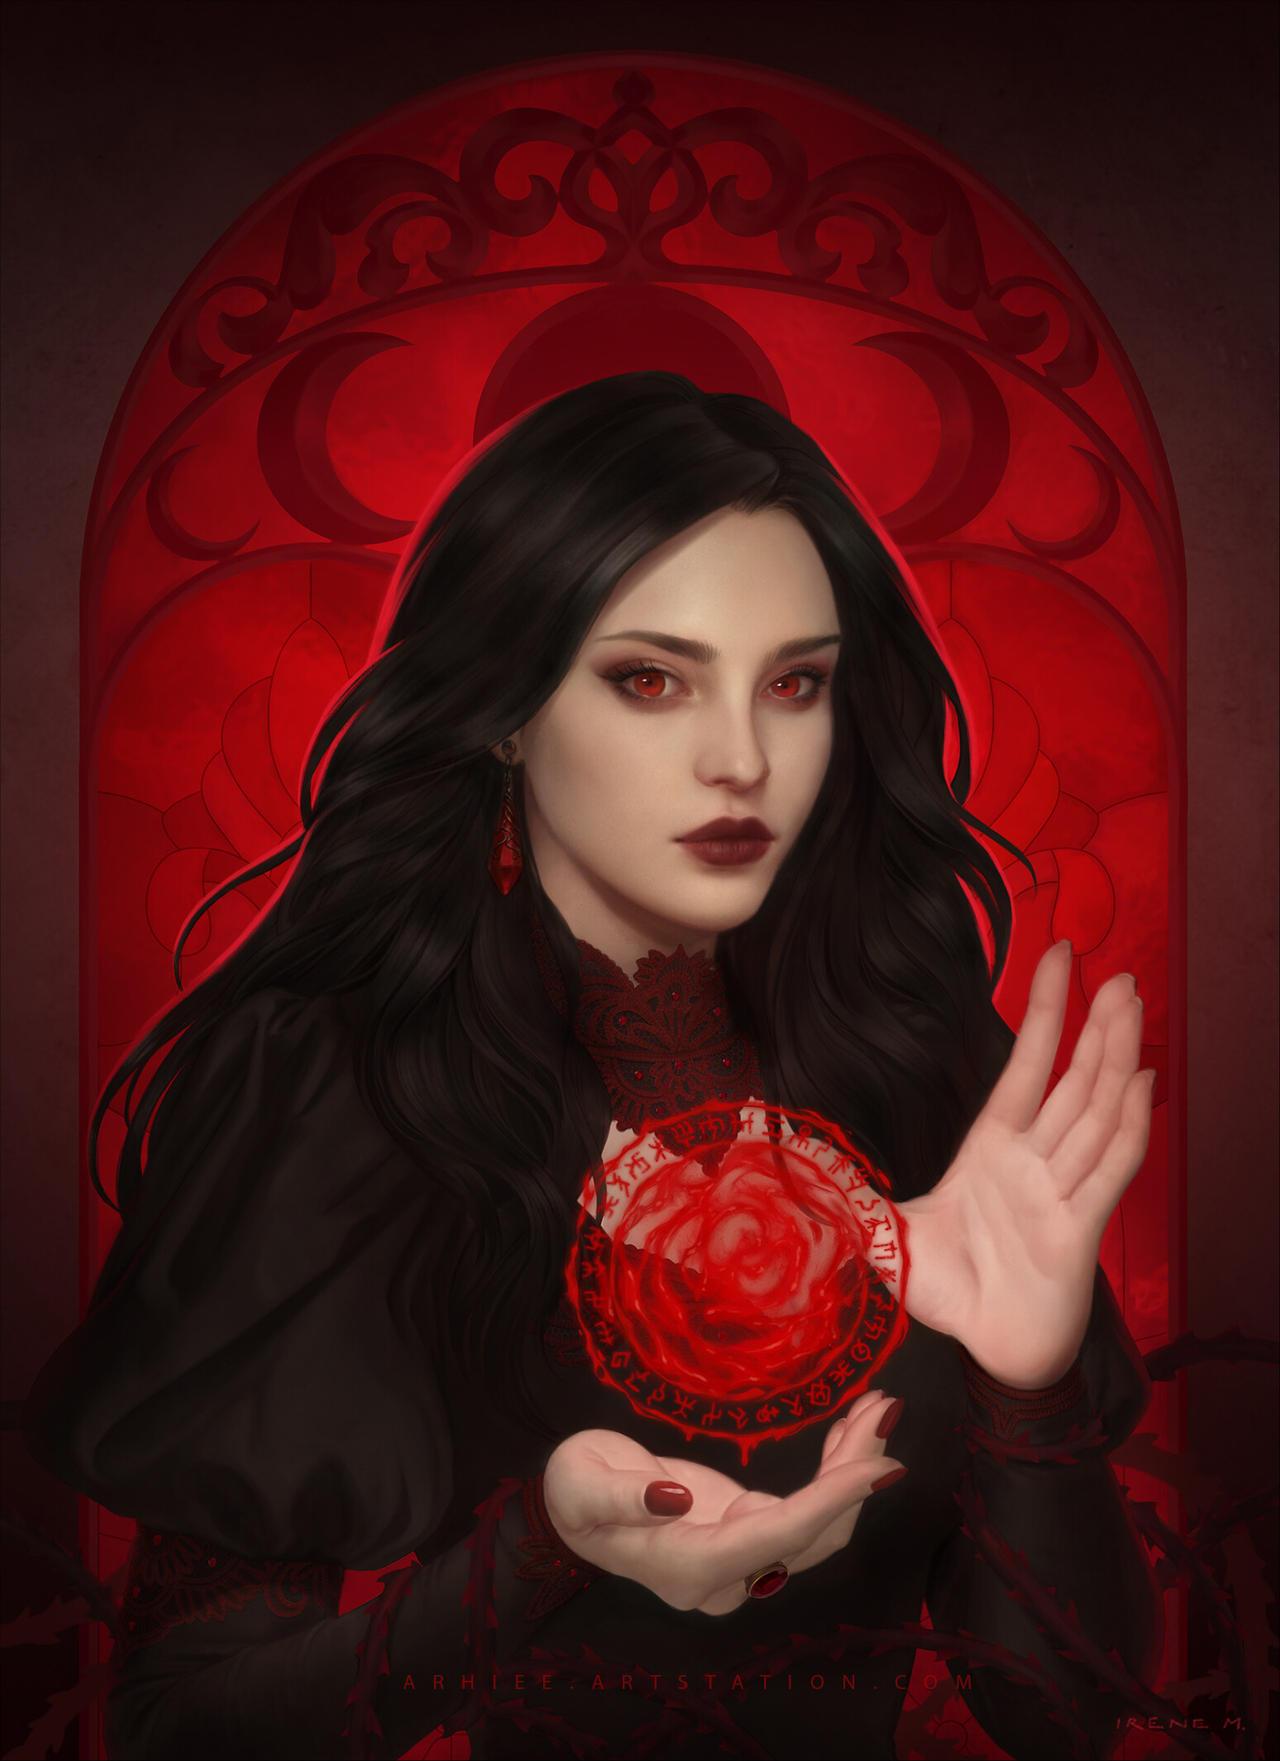 .: Bloodmoon Bellamina :.